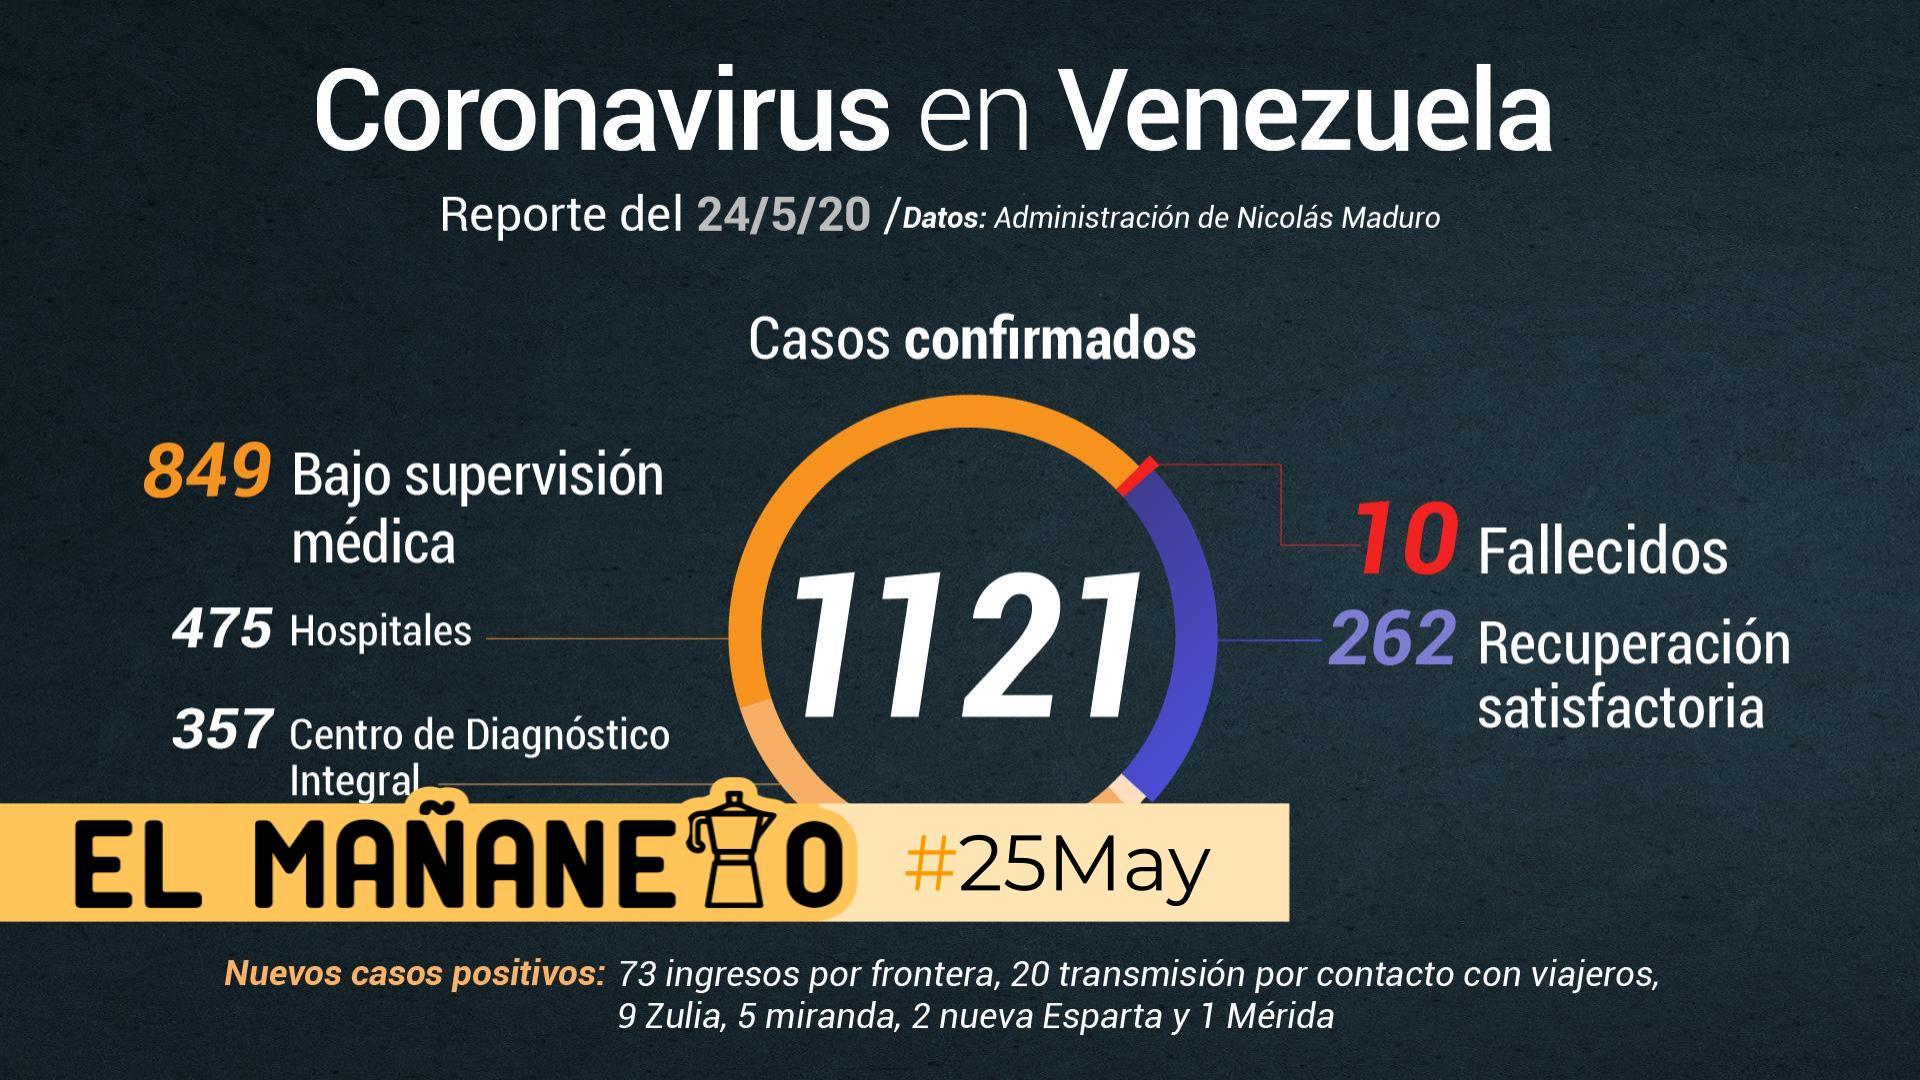 El Mañanero de hoy #25May: Las 8 noticias que debes saber